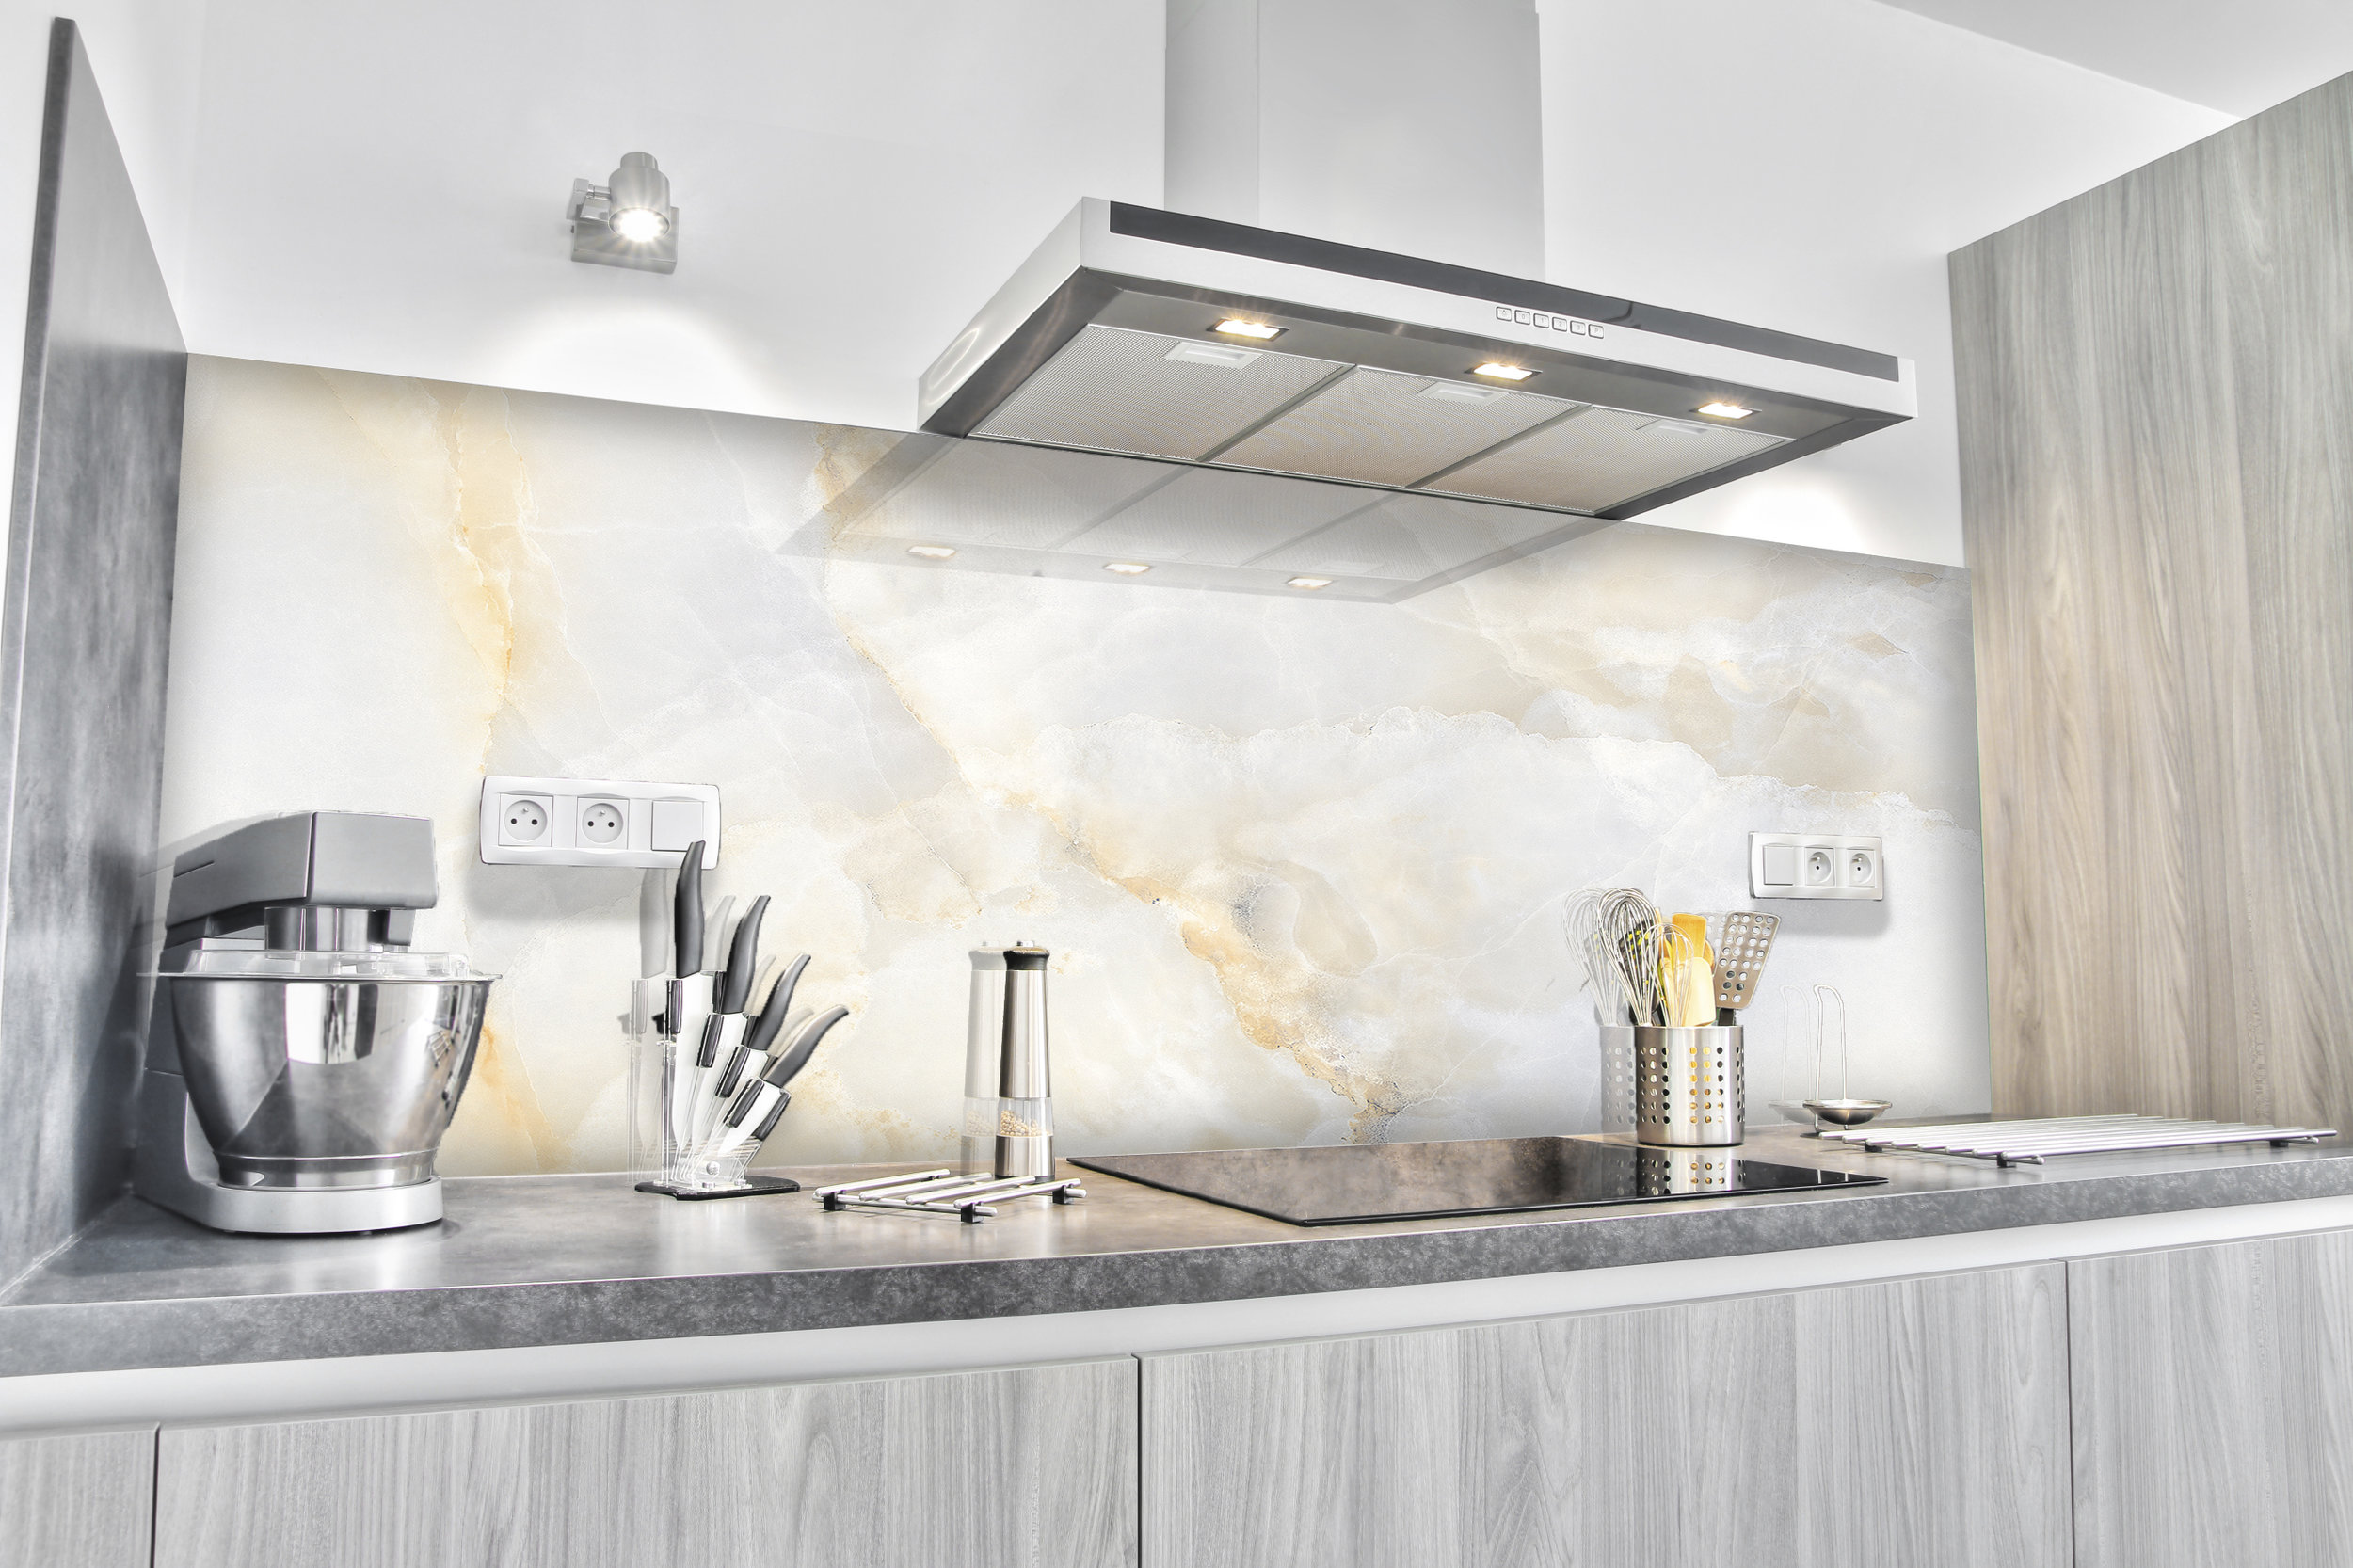 Whitegold_Splashbacks_Kitchen-1046x785_.jpg